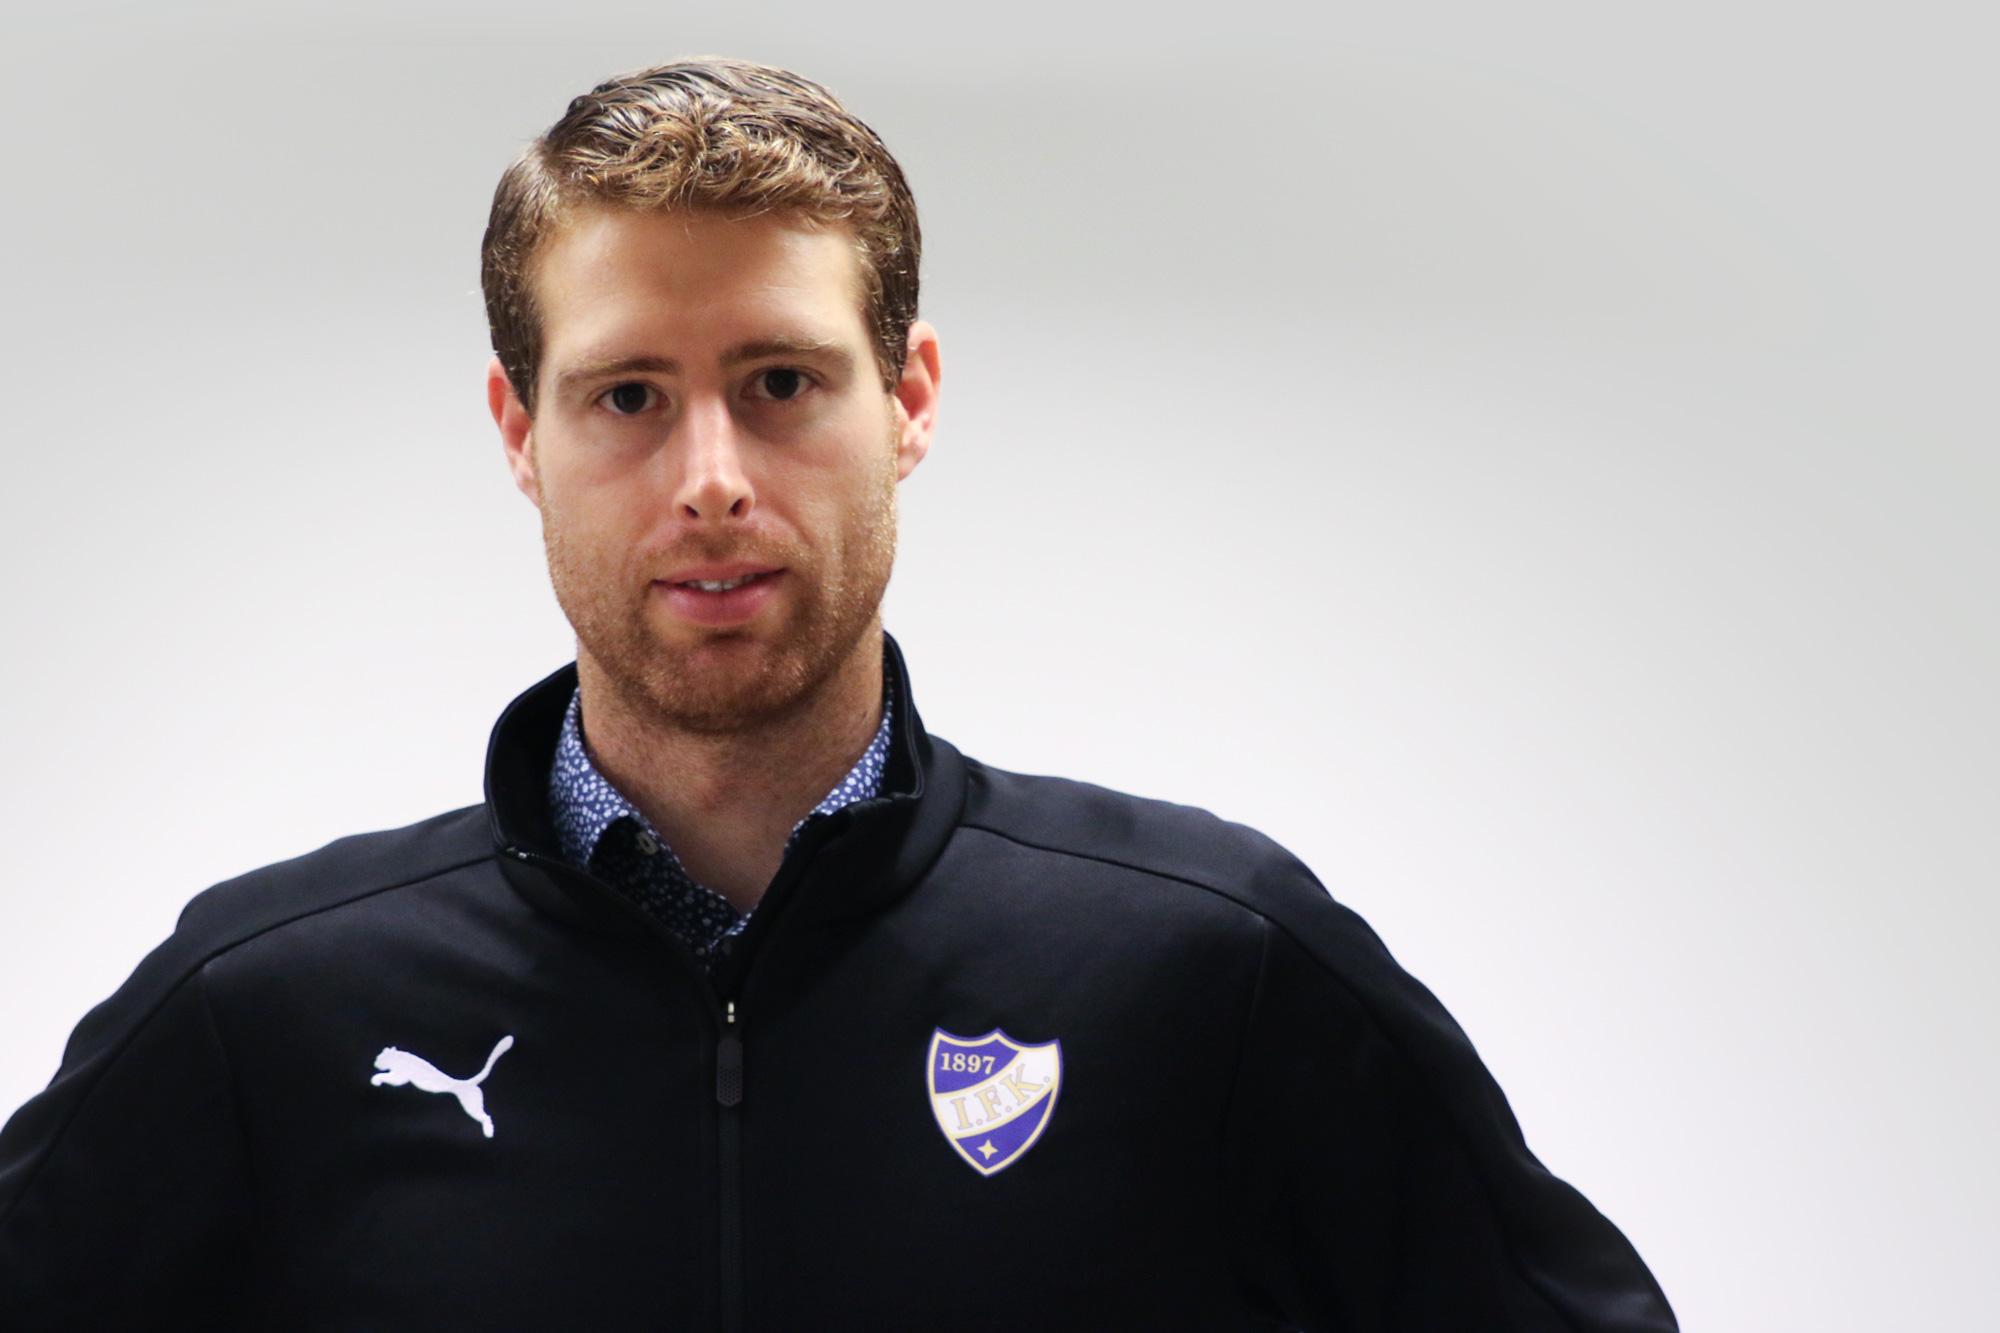 Miguel Cervera López HIFK/2:n päävalmentajaksi